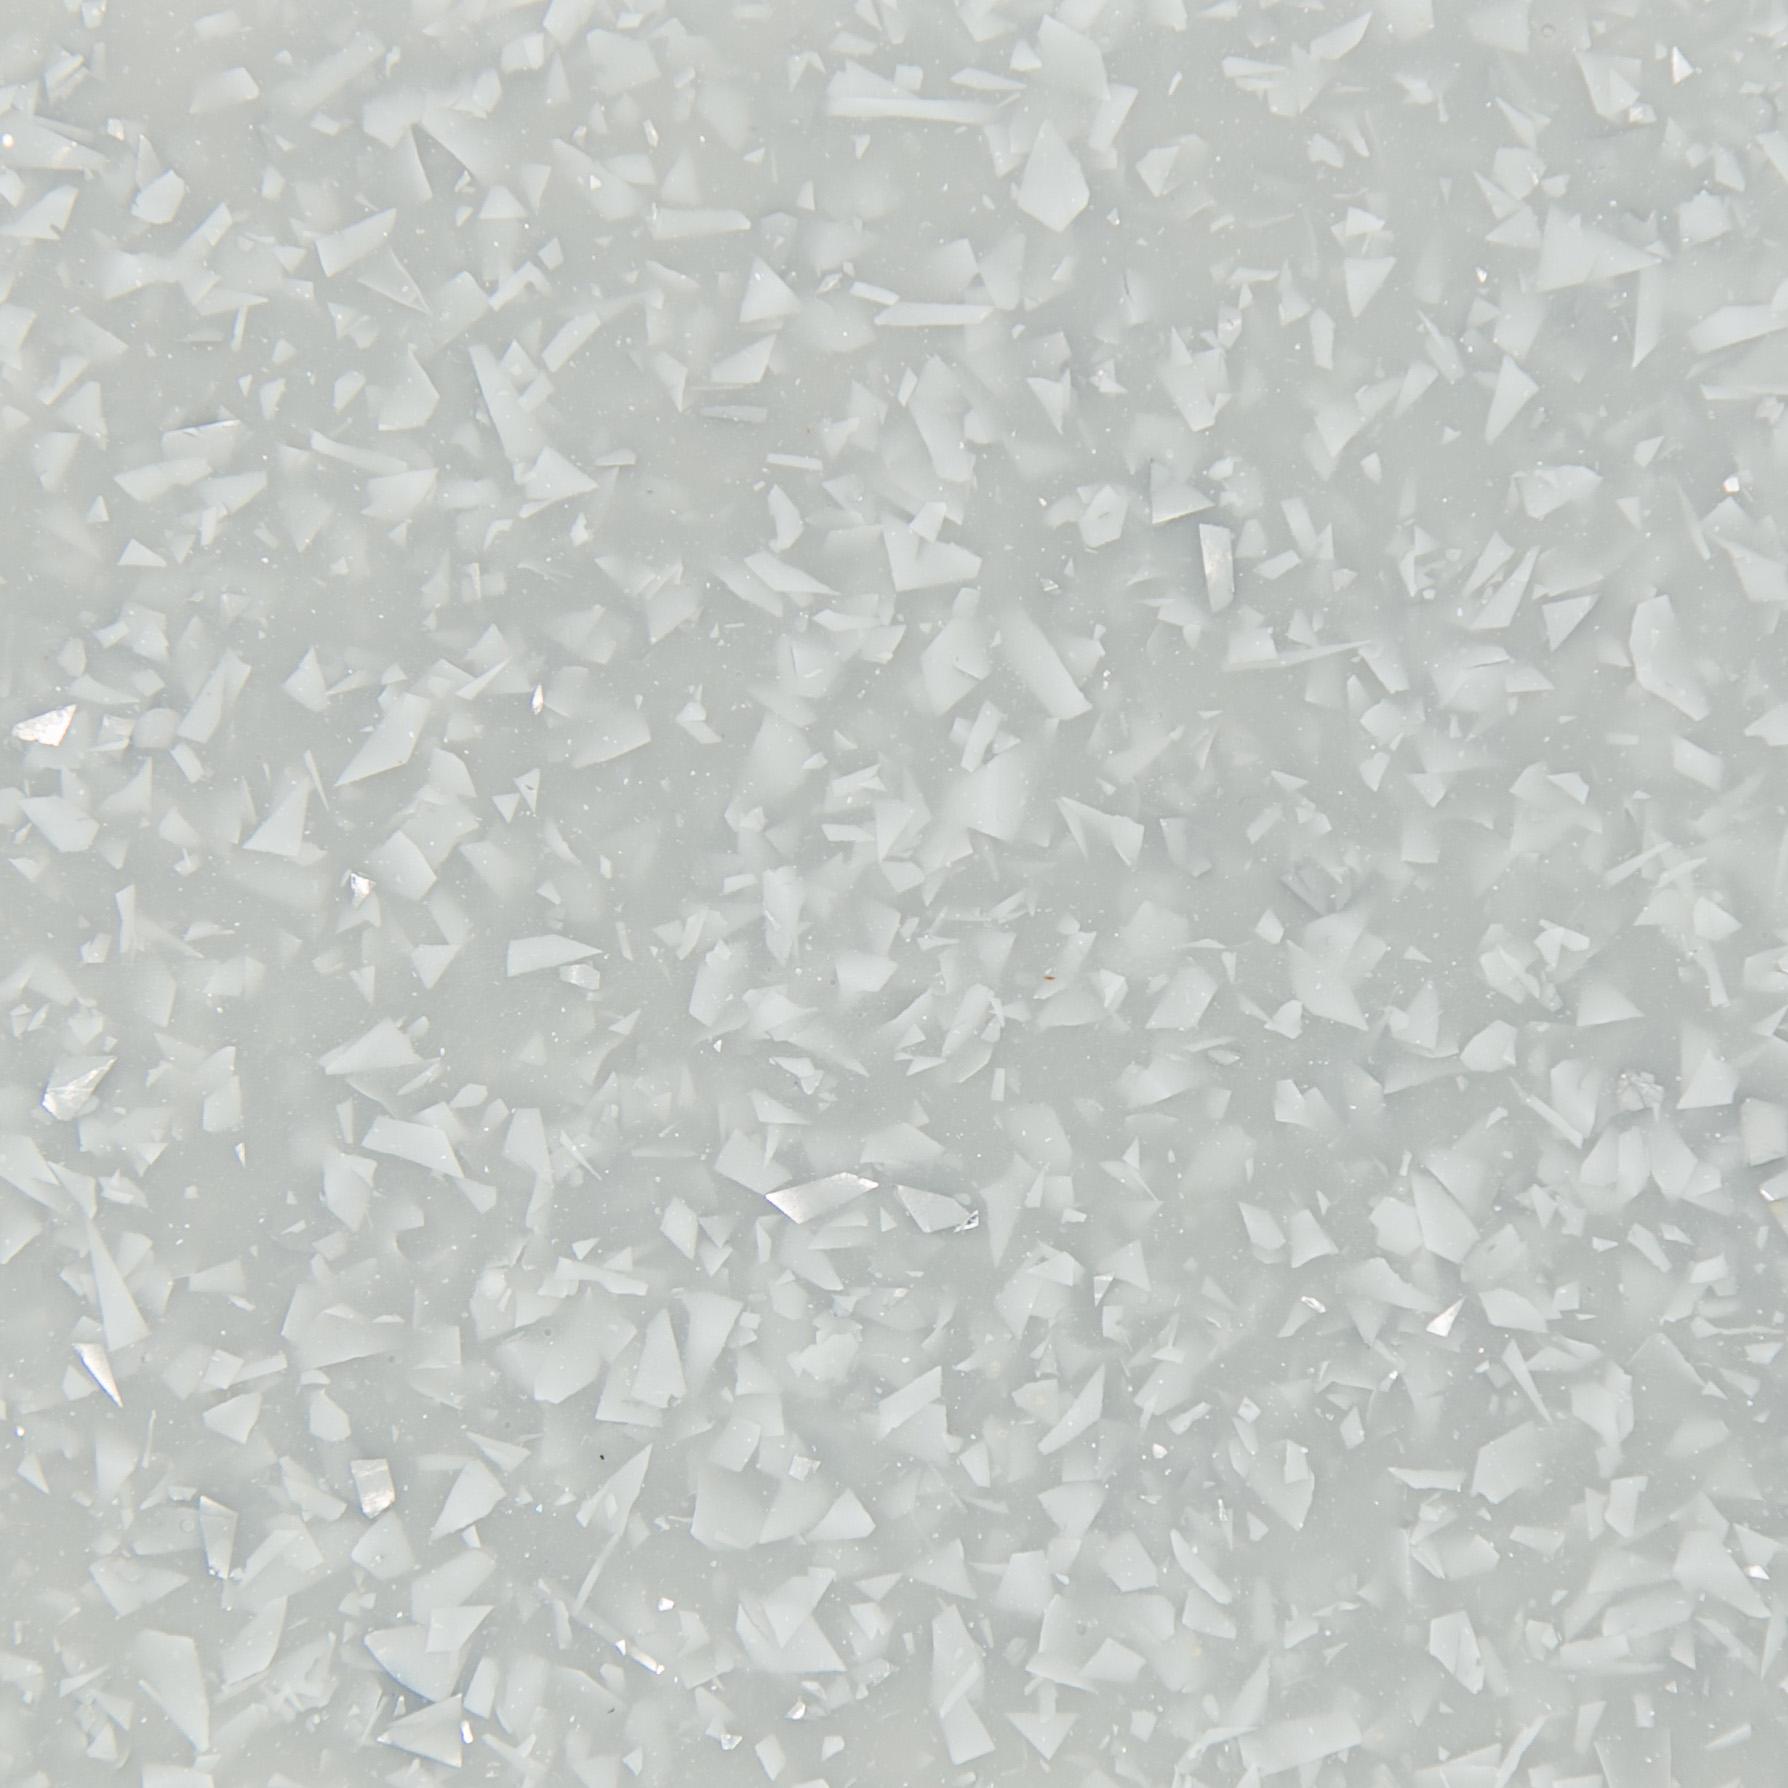 Grey Ice